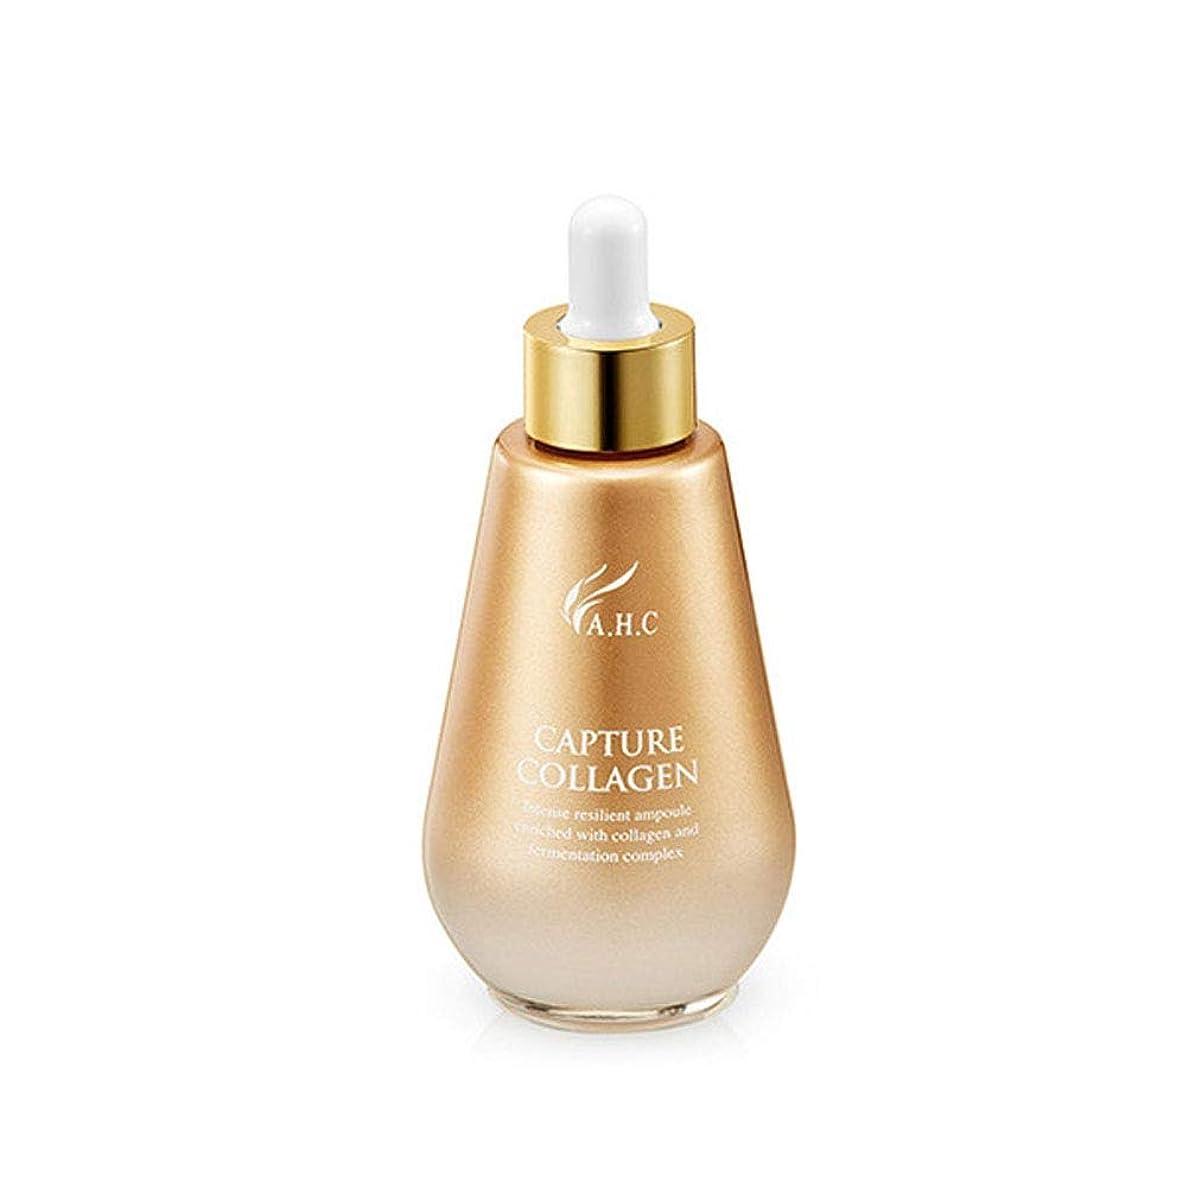 裕福な傑出したゲストAHCバイタルゴールデンコラーゲンスキンケアセットトナーローションクリームアイクリームアンプル、AHC Vital Golden Collagen Skincare Set Toner Lotion Cream Eye Cream Ampoule [並行輸入品]